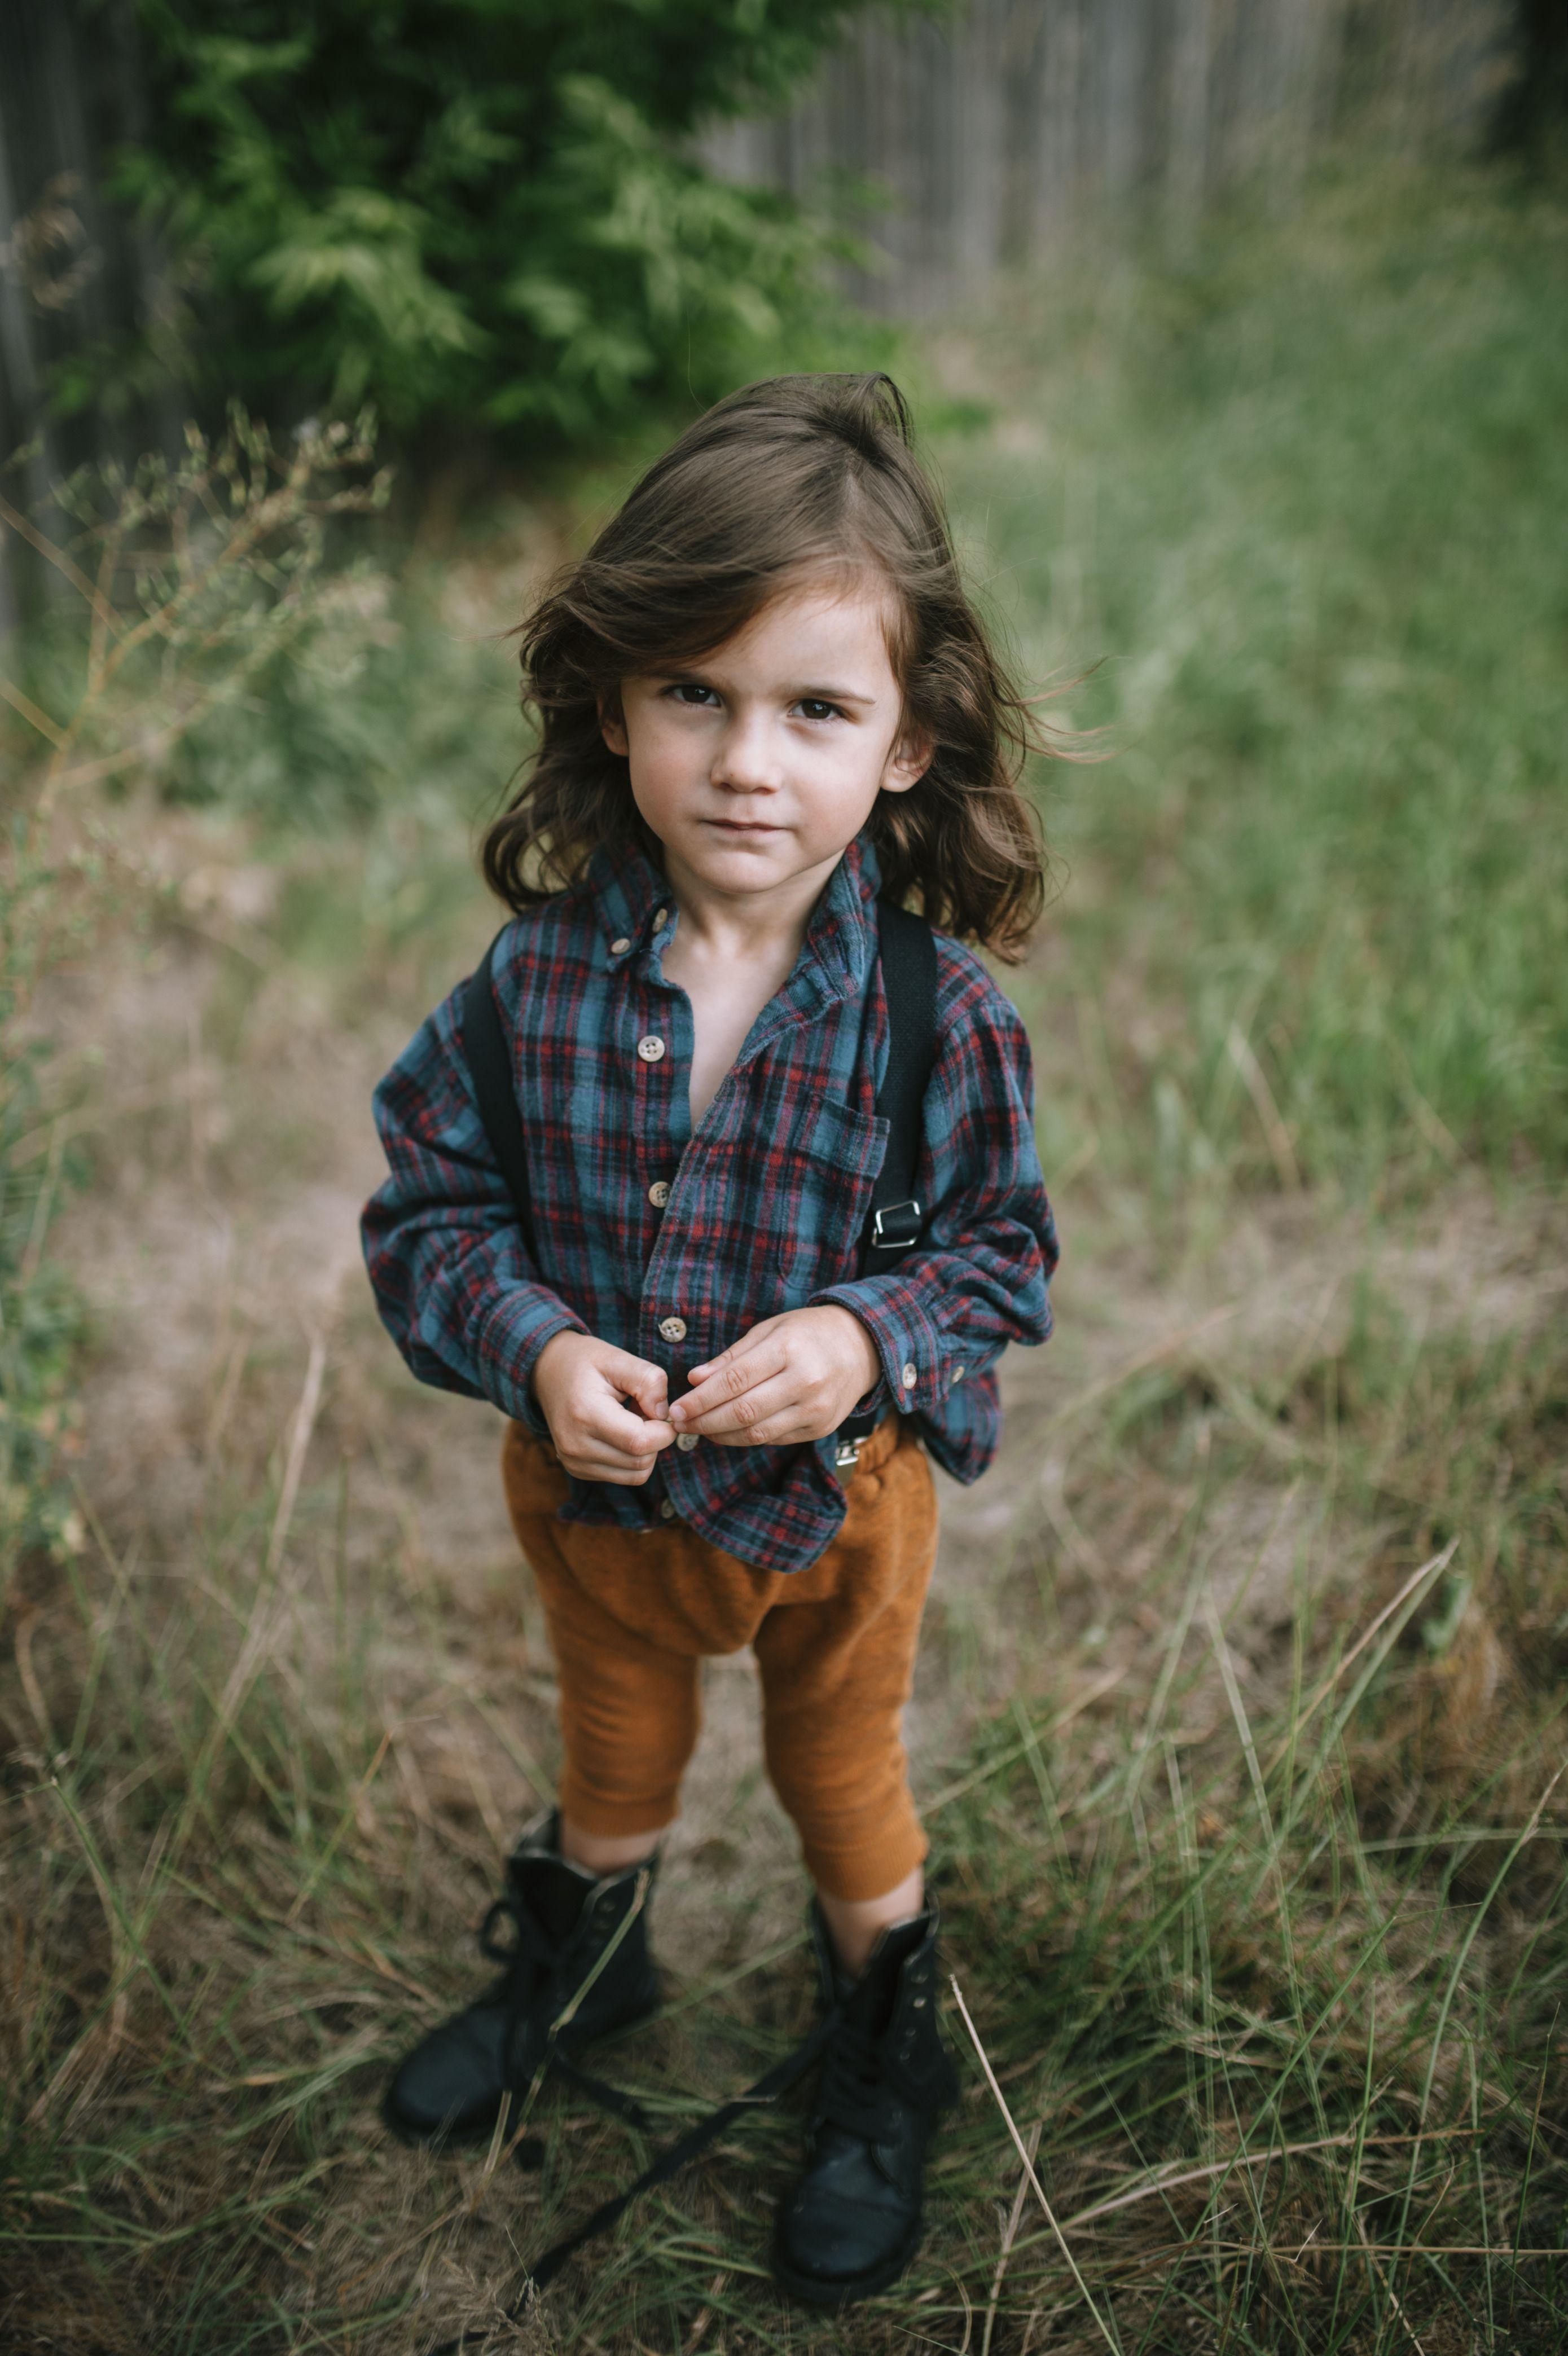 little boy style kid